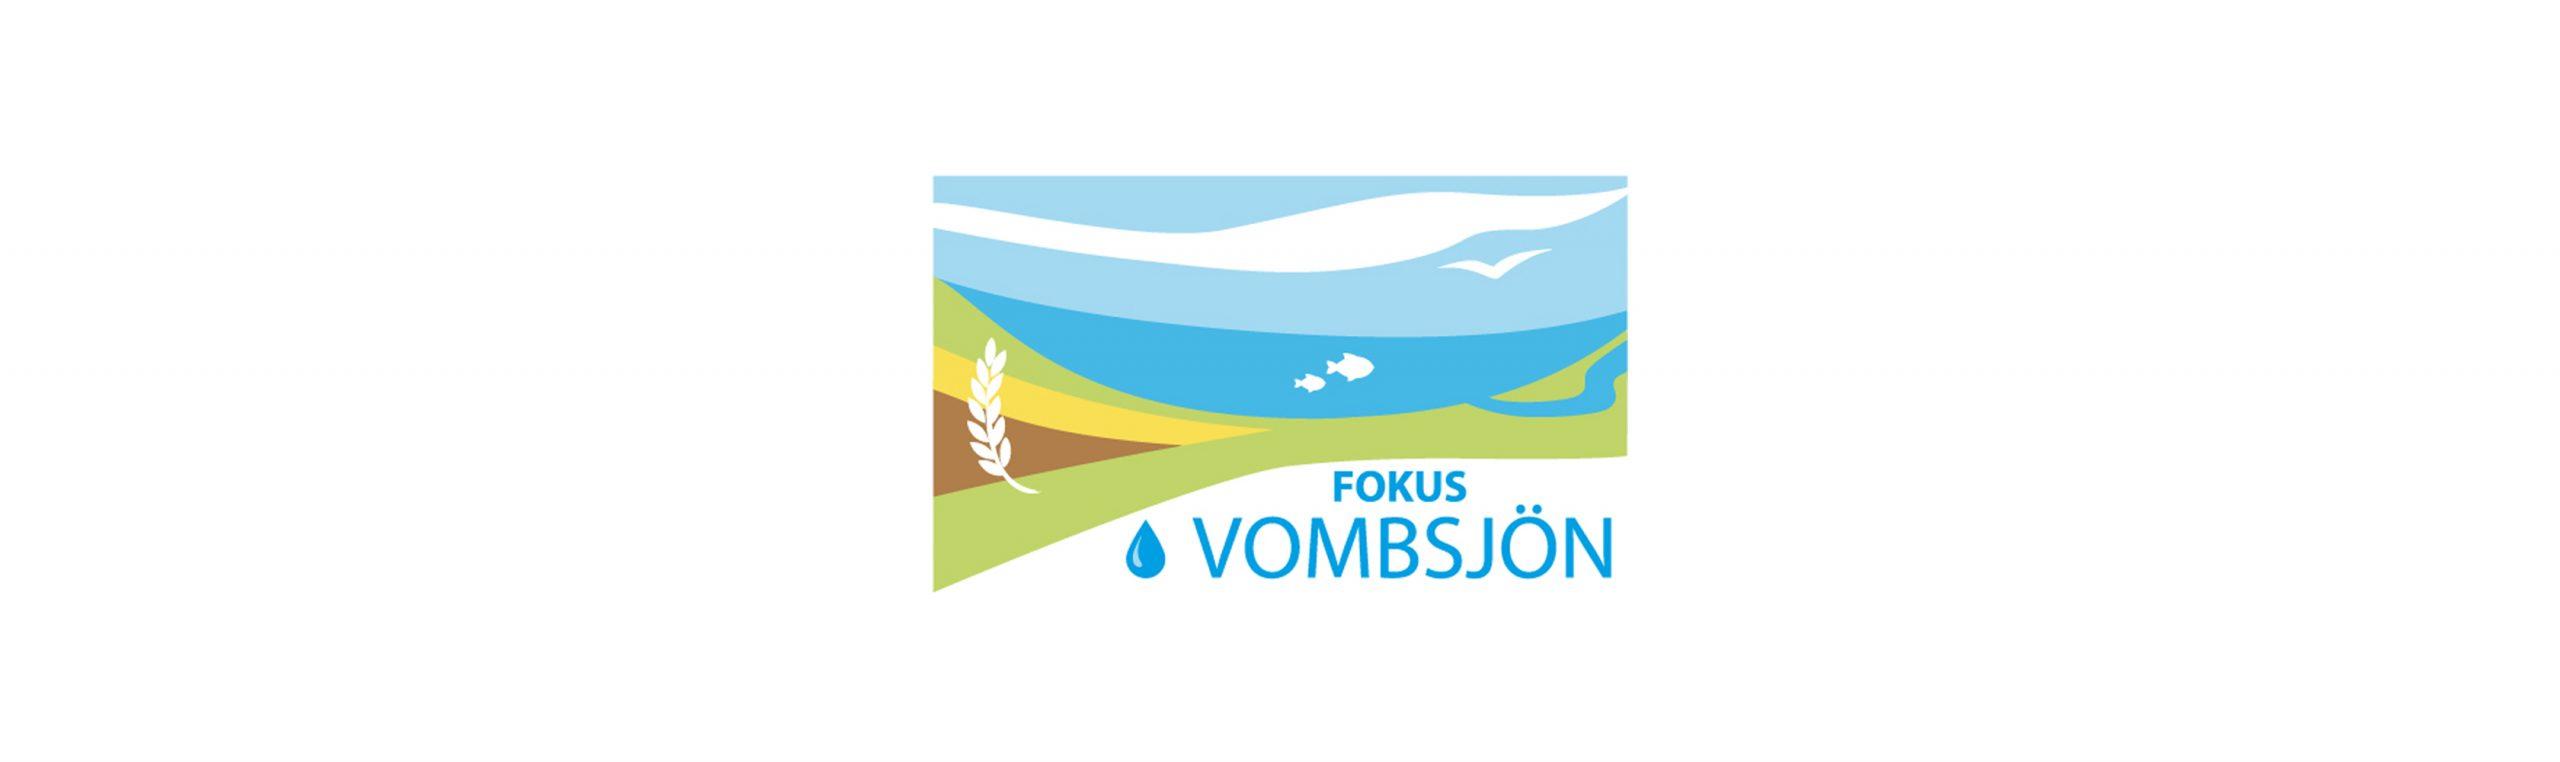 Fokus Vombsjön logo